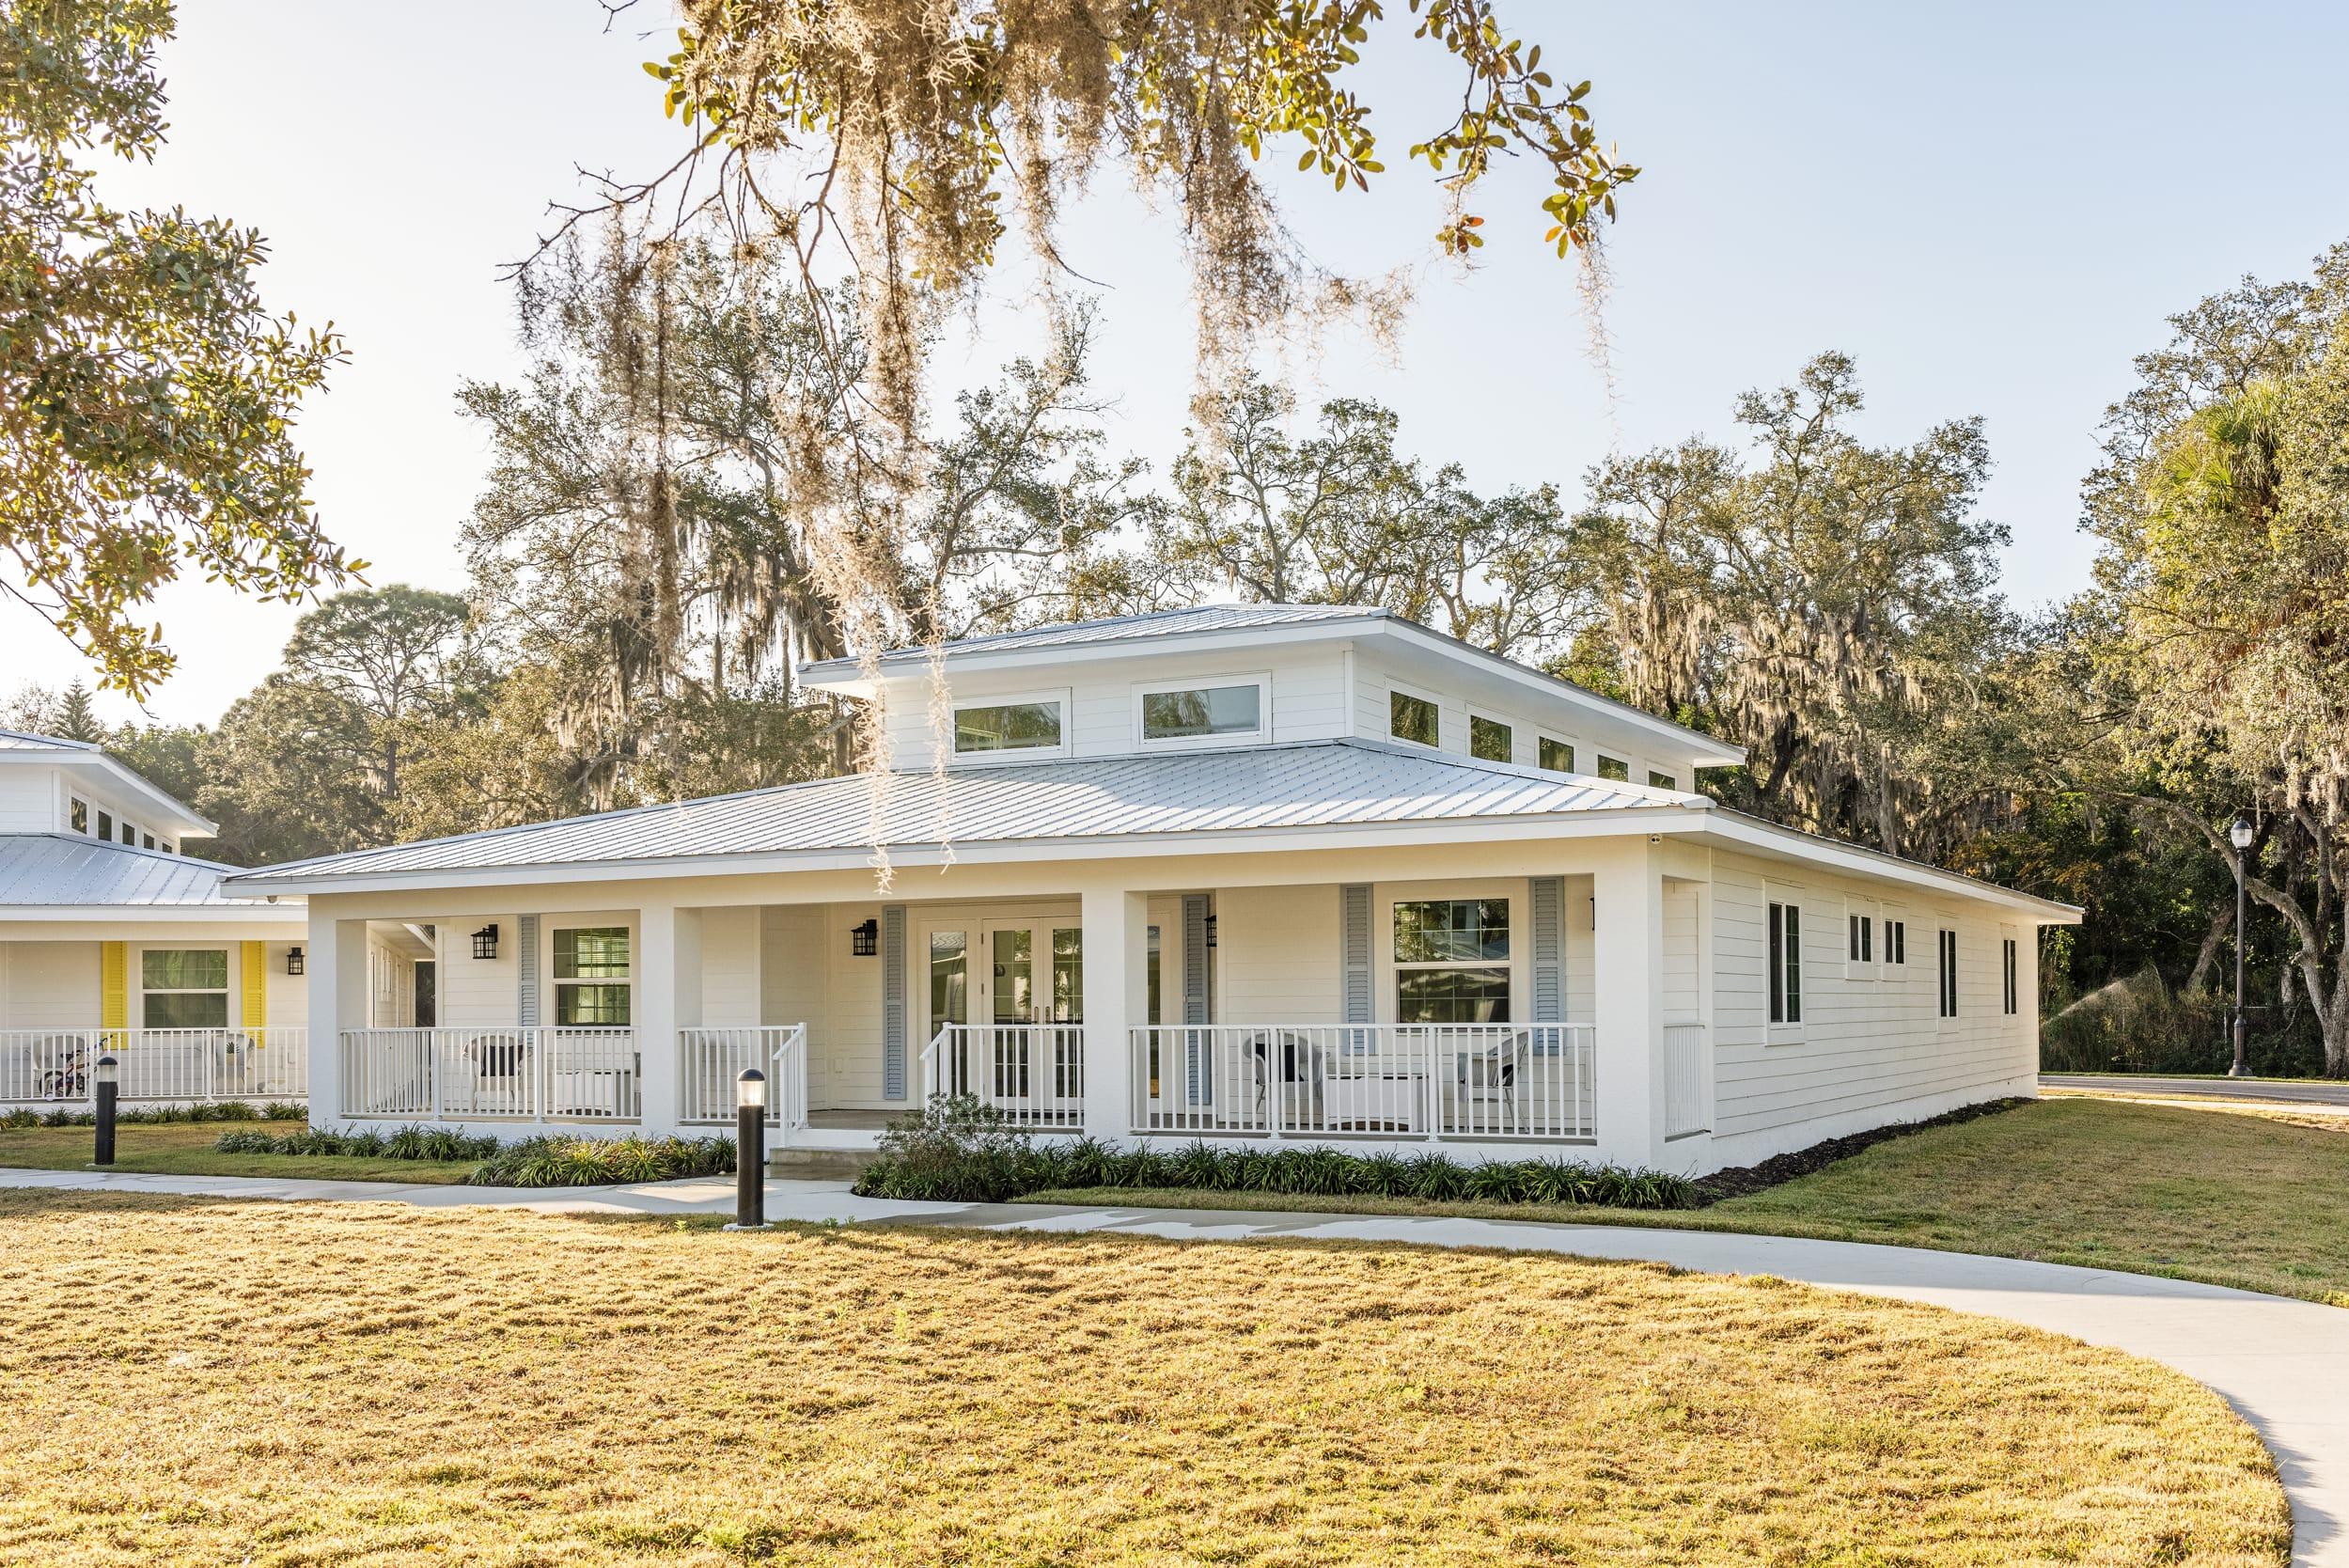 Blue Shutter Residential Home